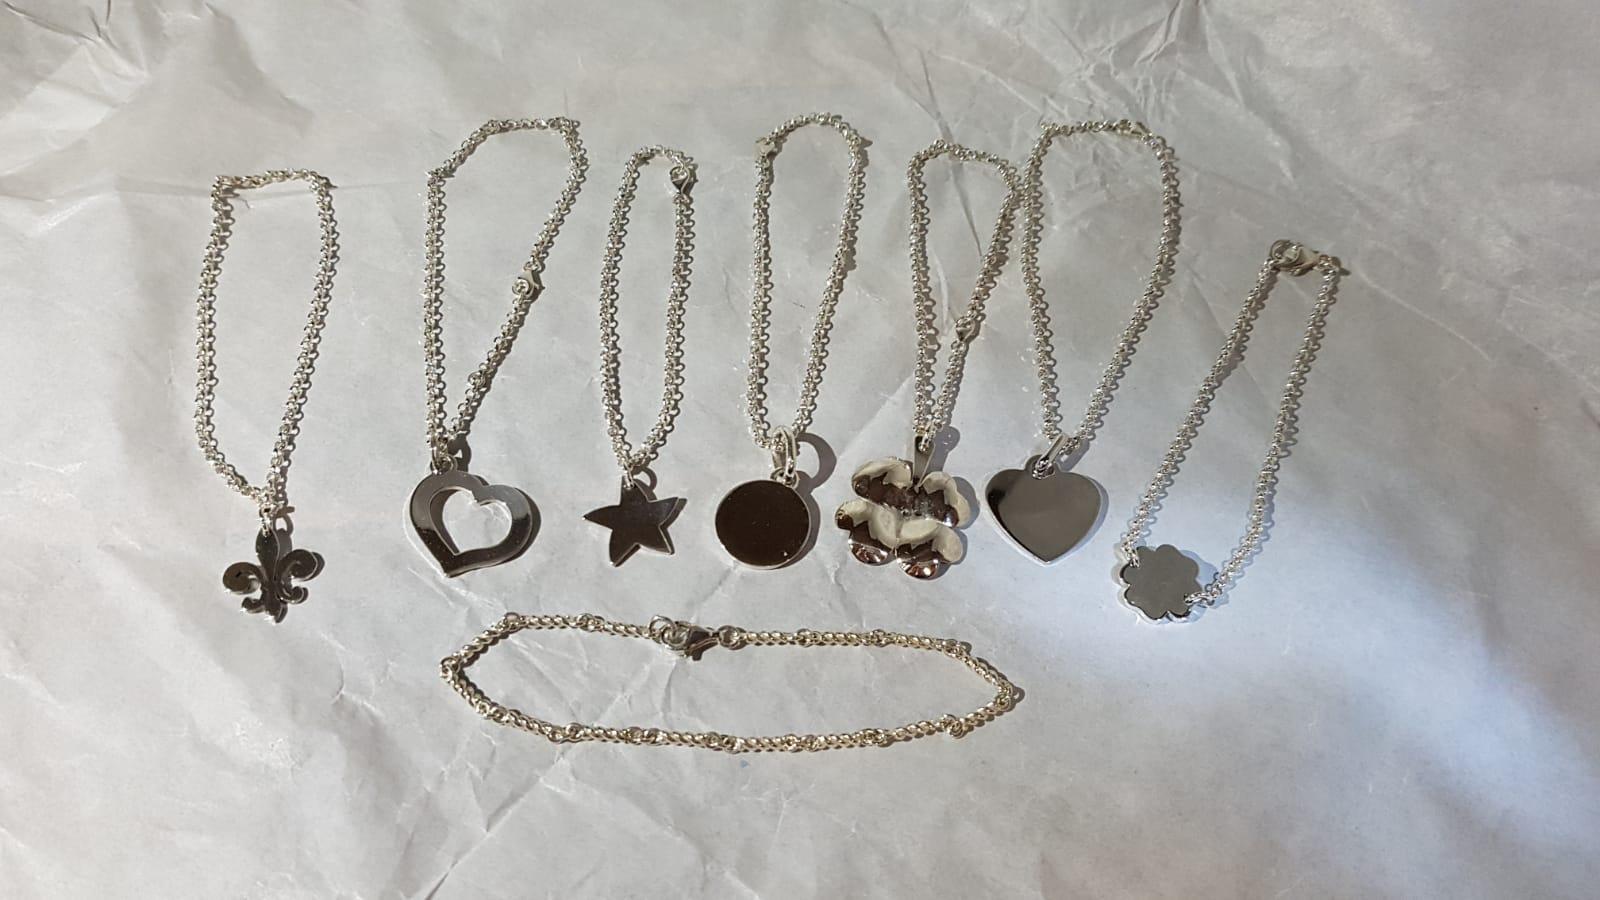 Bracciali in argento con vari soggetti Otello Santucci Creazioni di gioielli